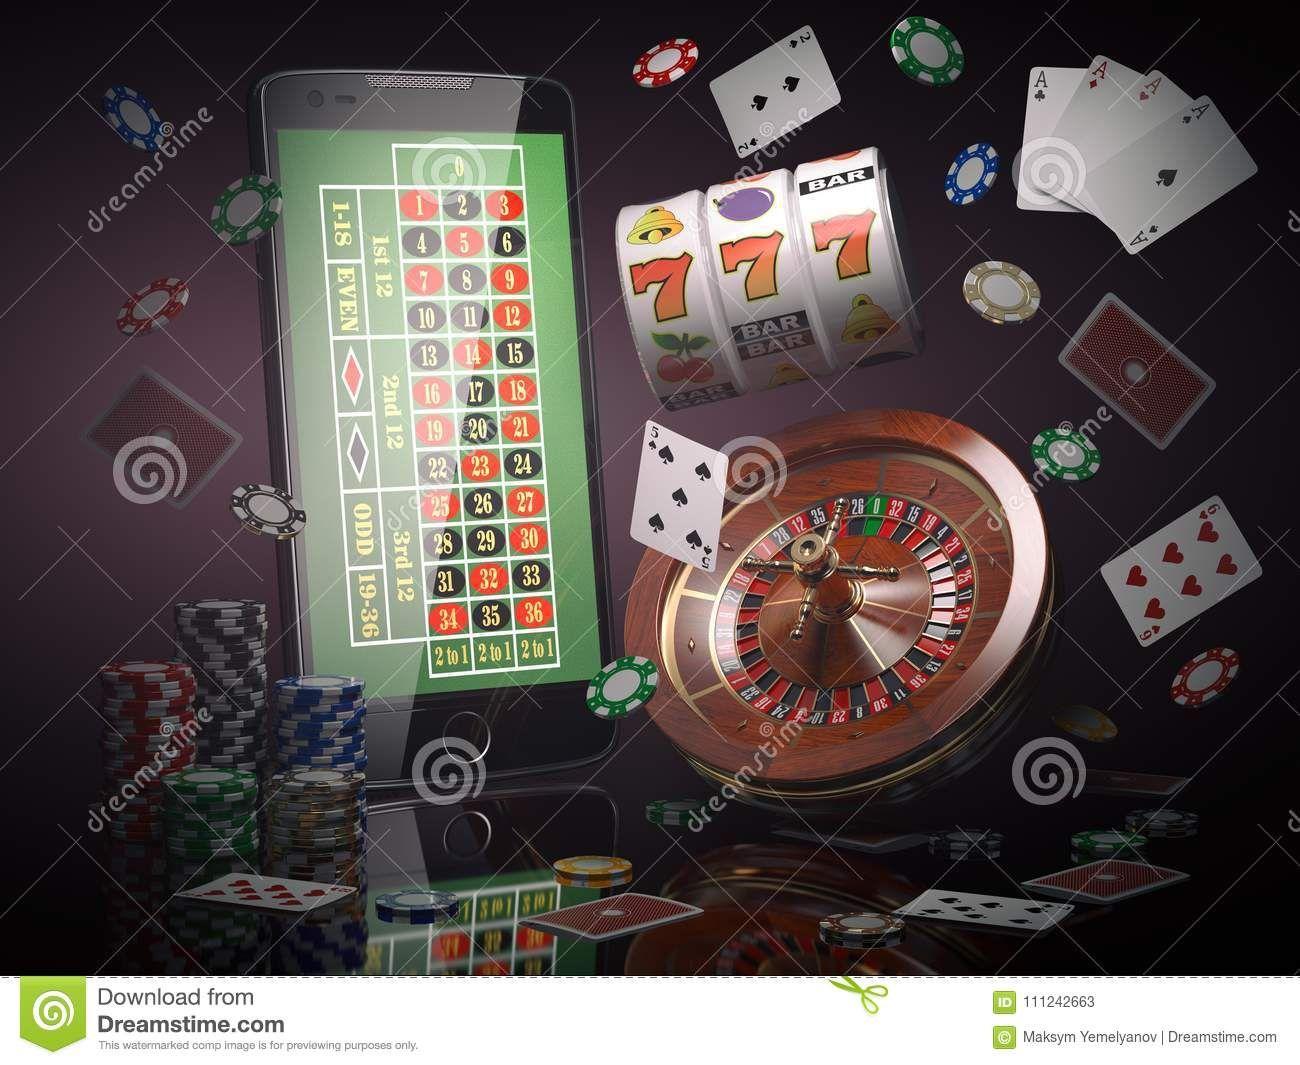 Казино онлайн на виртуальные деньги казино вулкан скачать бесплатно на андроид